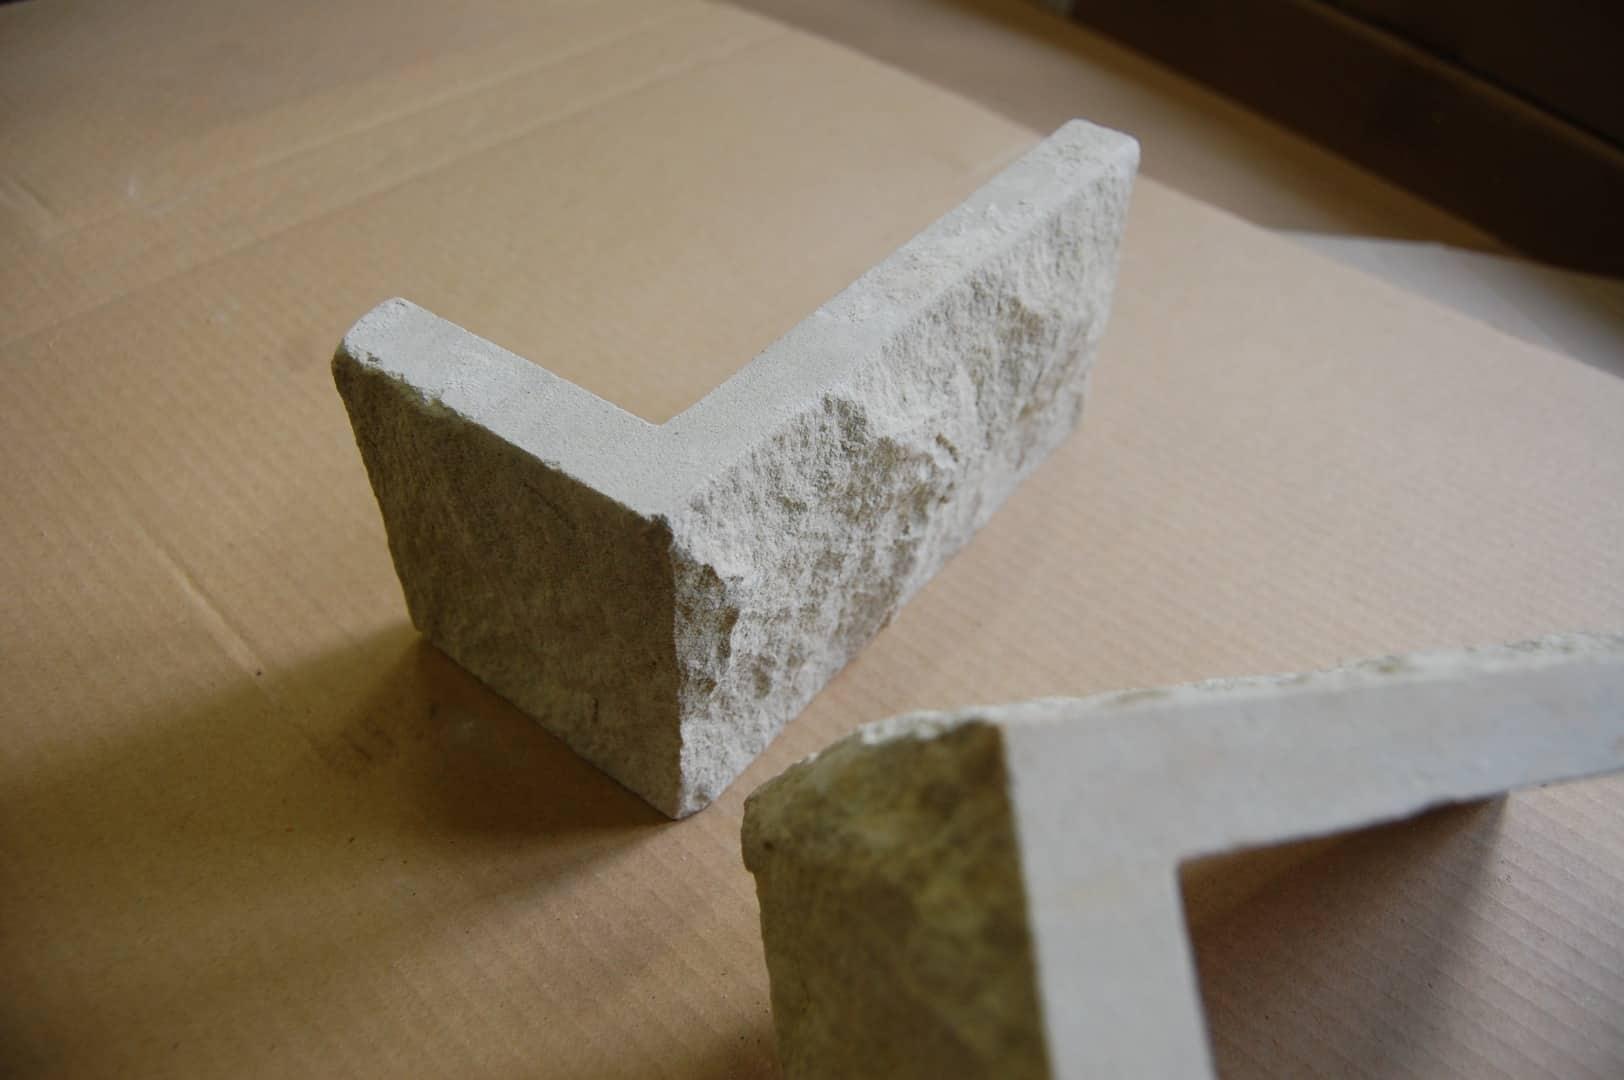 Eckelemente DORA Verblender Riemchen Klinker Sandstein Naturstein Fassadenverkleidung